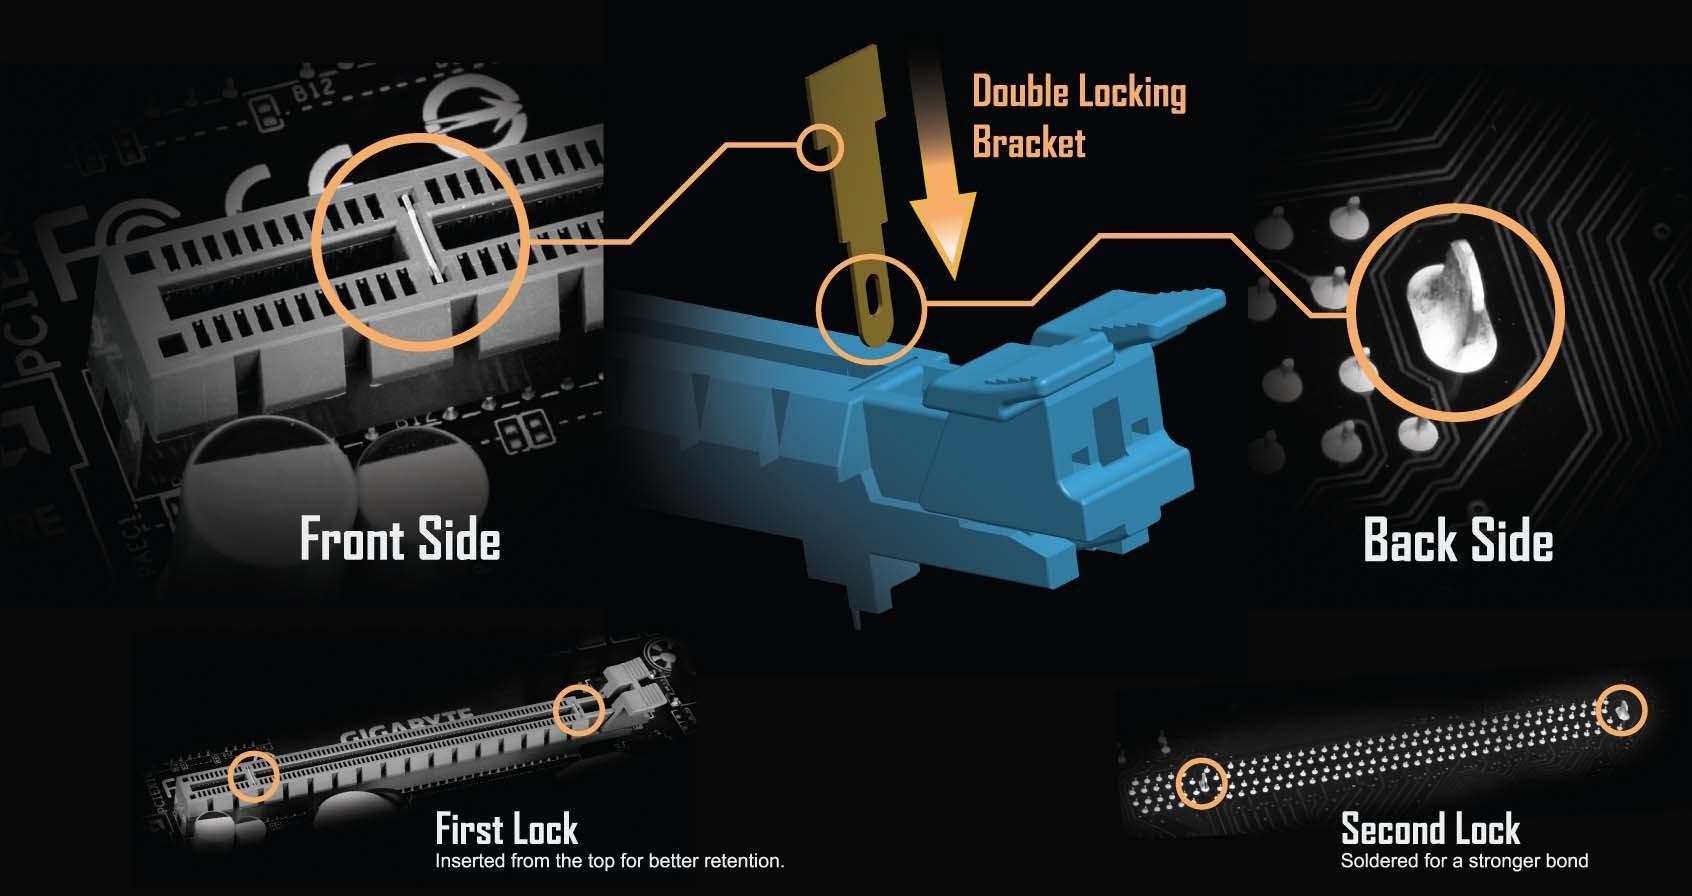 Khung khóa đôi siêu chắc chắn được cấp bằng sáng chế của GIGABYTE